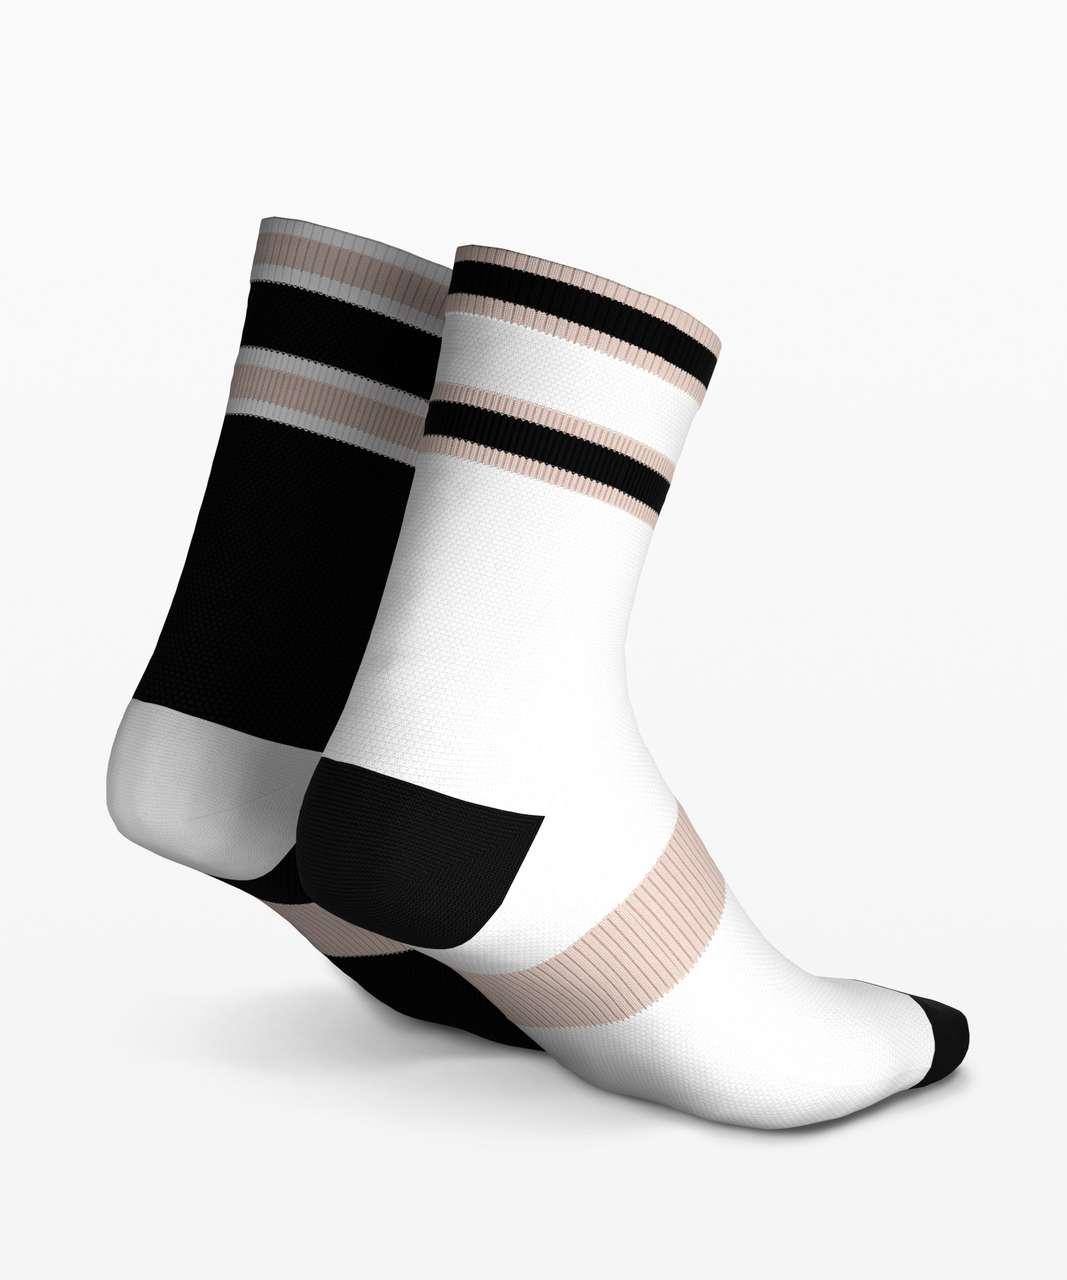 Lululemon Tale To Tell Quarter Sock *2 Pack - White / Black / Dune